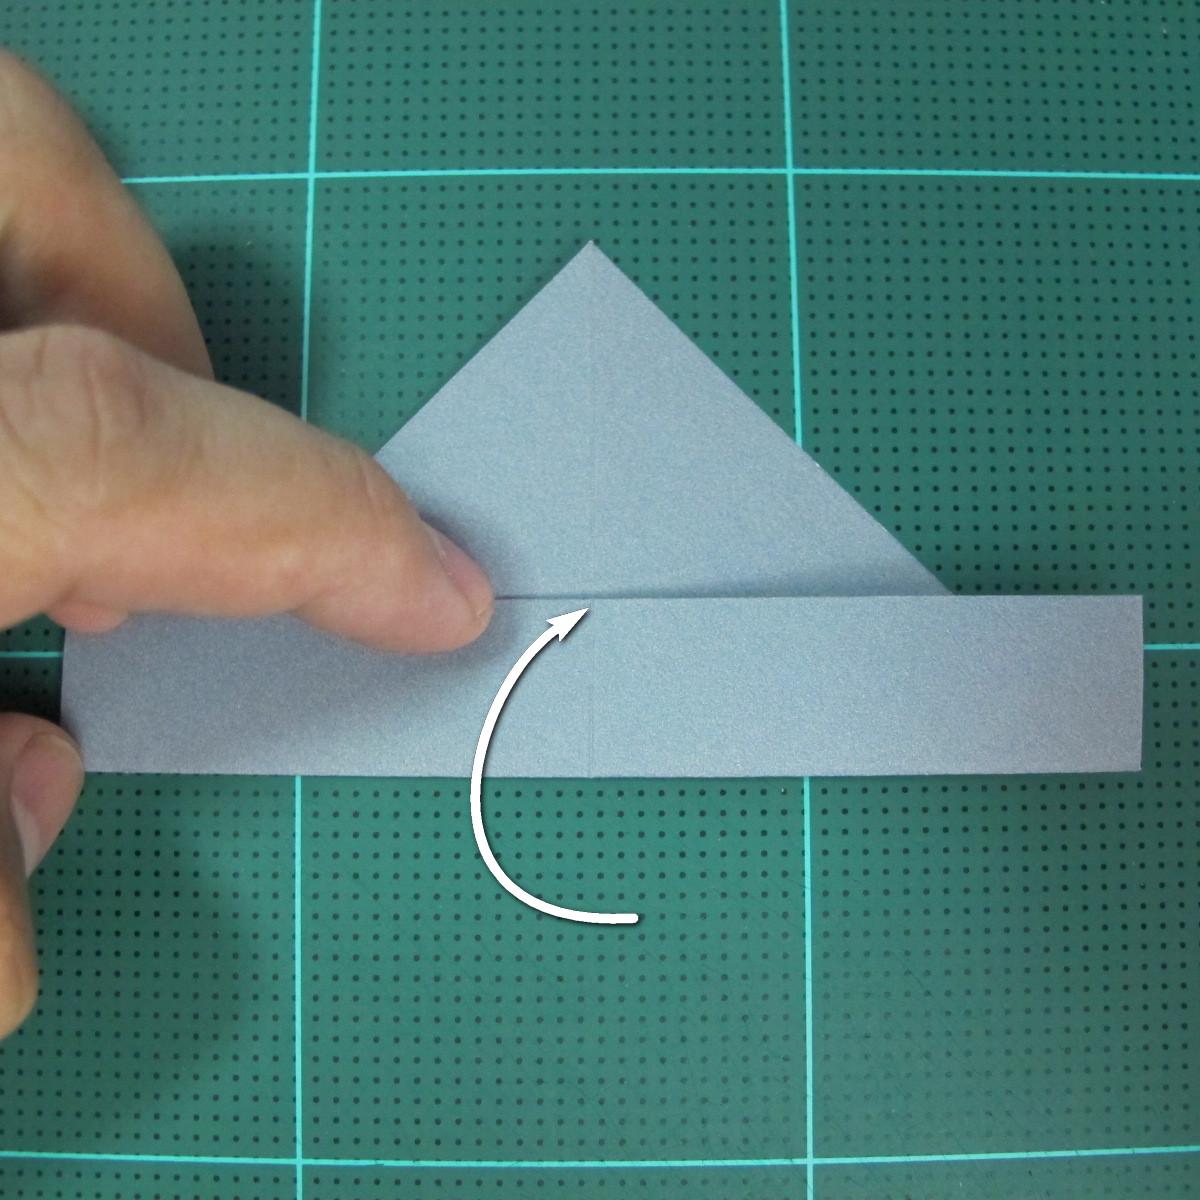 วิธีพับกล่องของขวัญแบบโมดูล่า (Modular Origami Decorative Box) โดย Tomoko Fuse 012